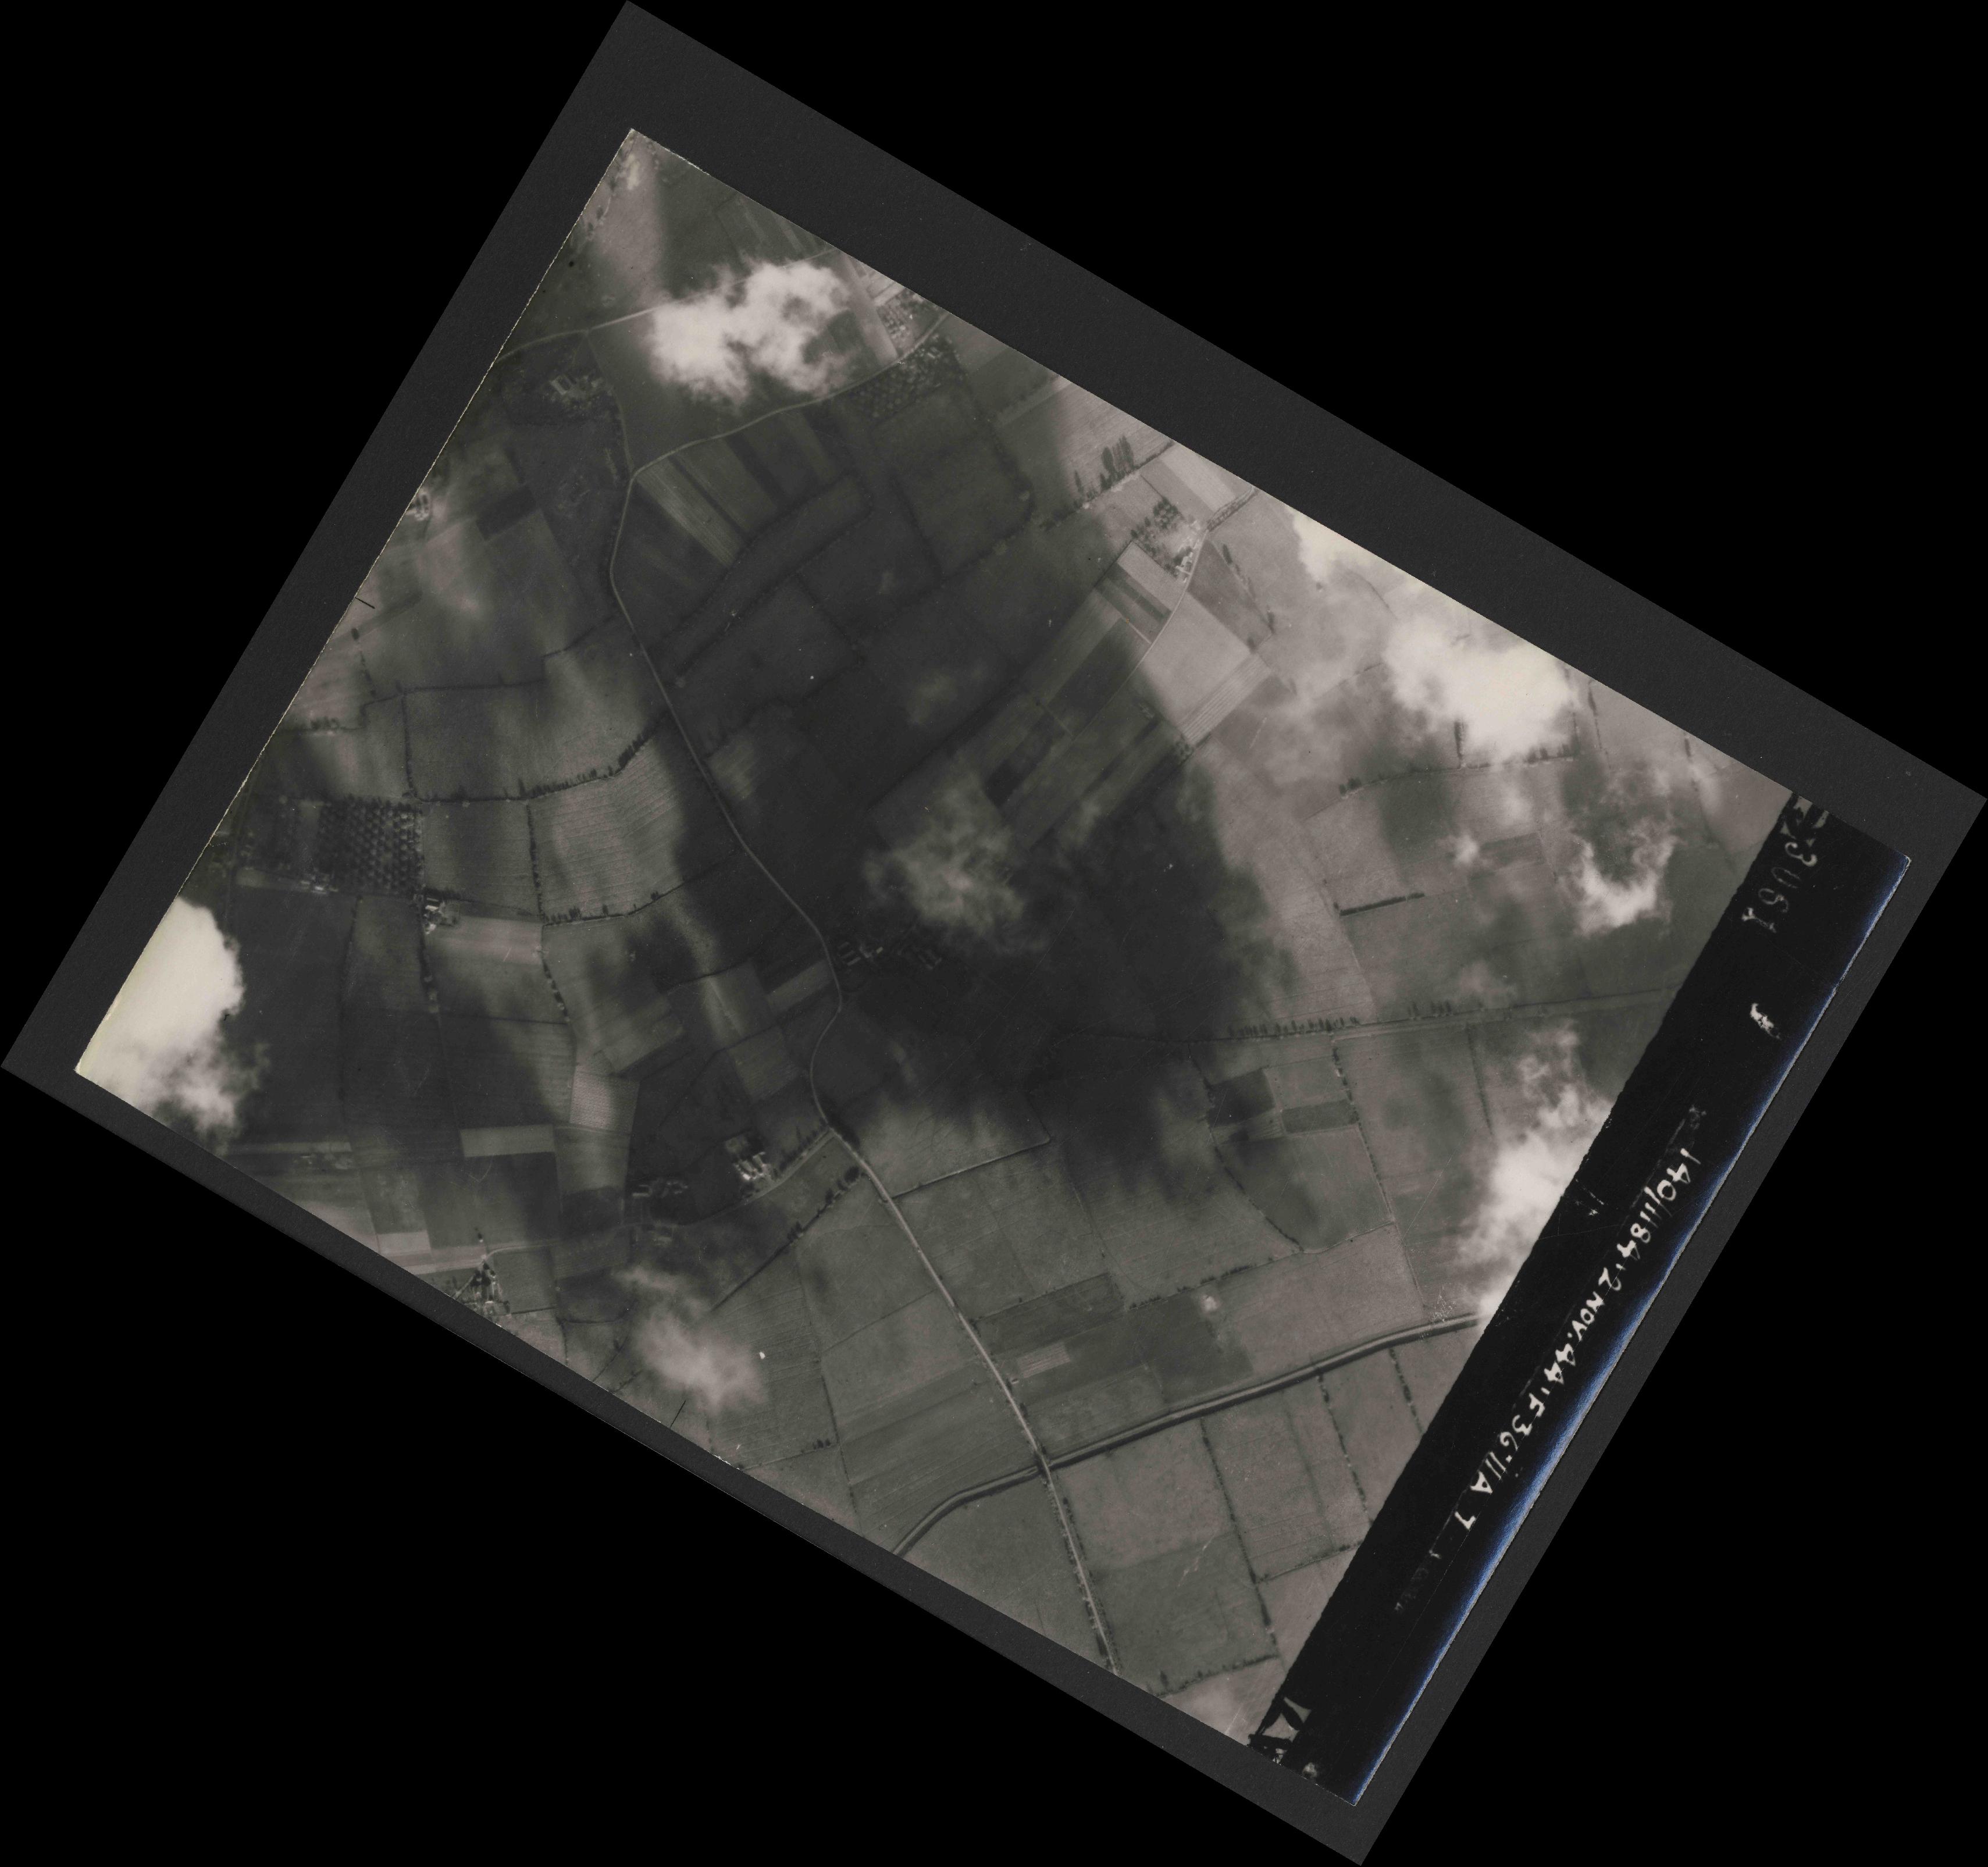 Collection RAF aerial photos 1940-1945 - flight 228, run 10, photo 3061